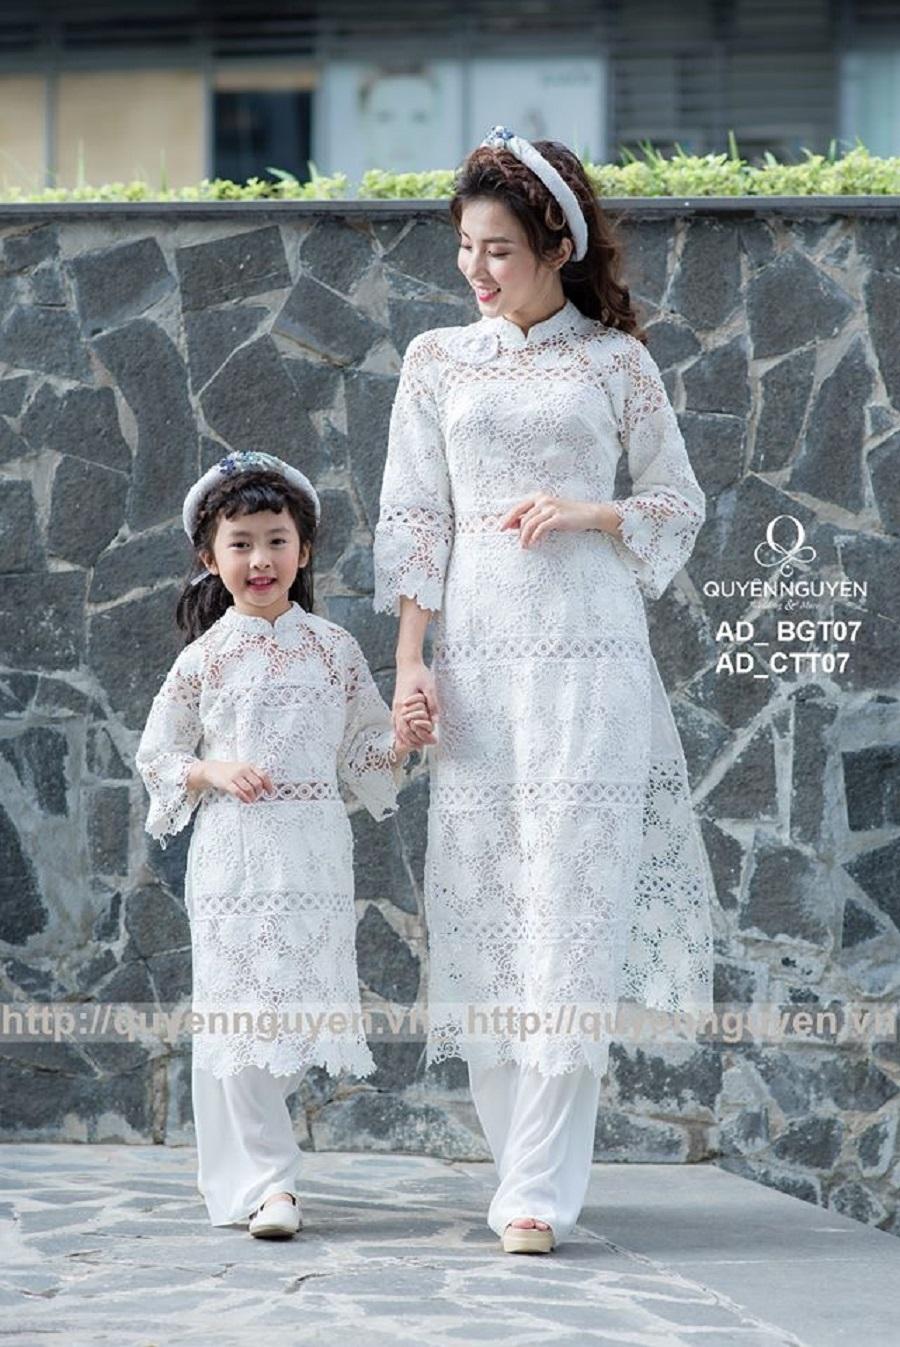 Áo dài cặp mẹ và bé màu trắng